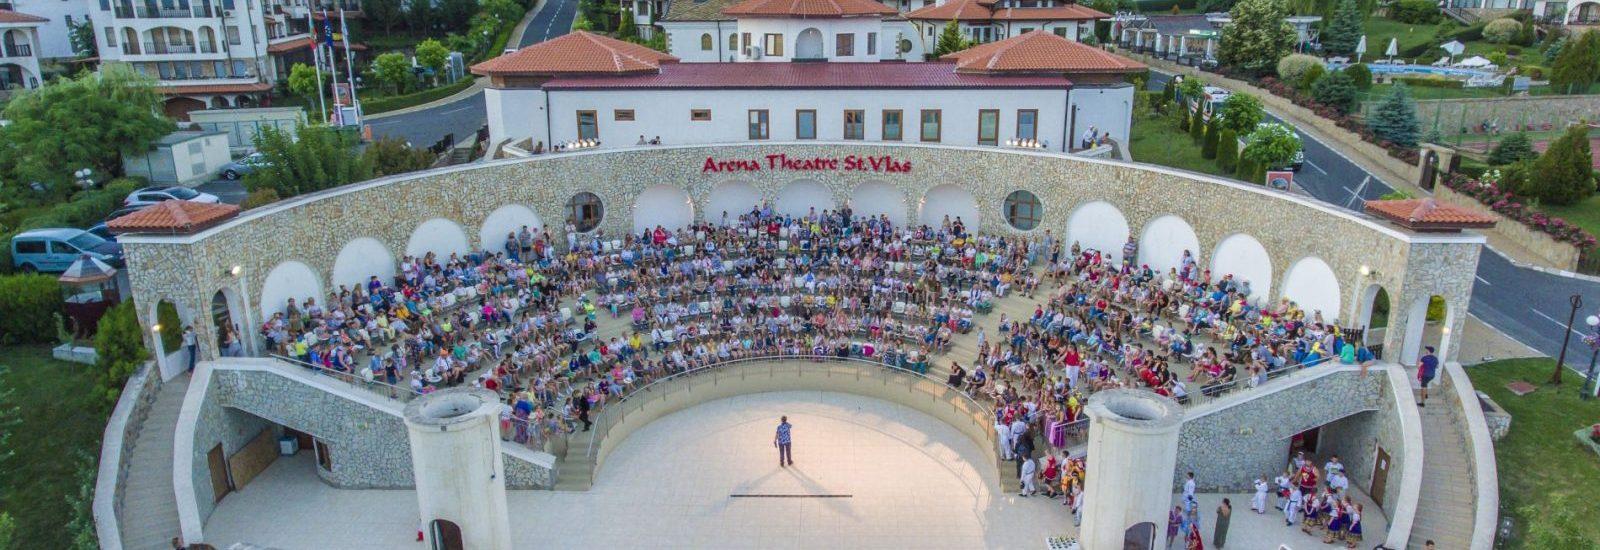 amphitheater-1